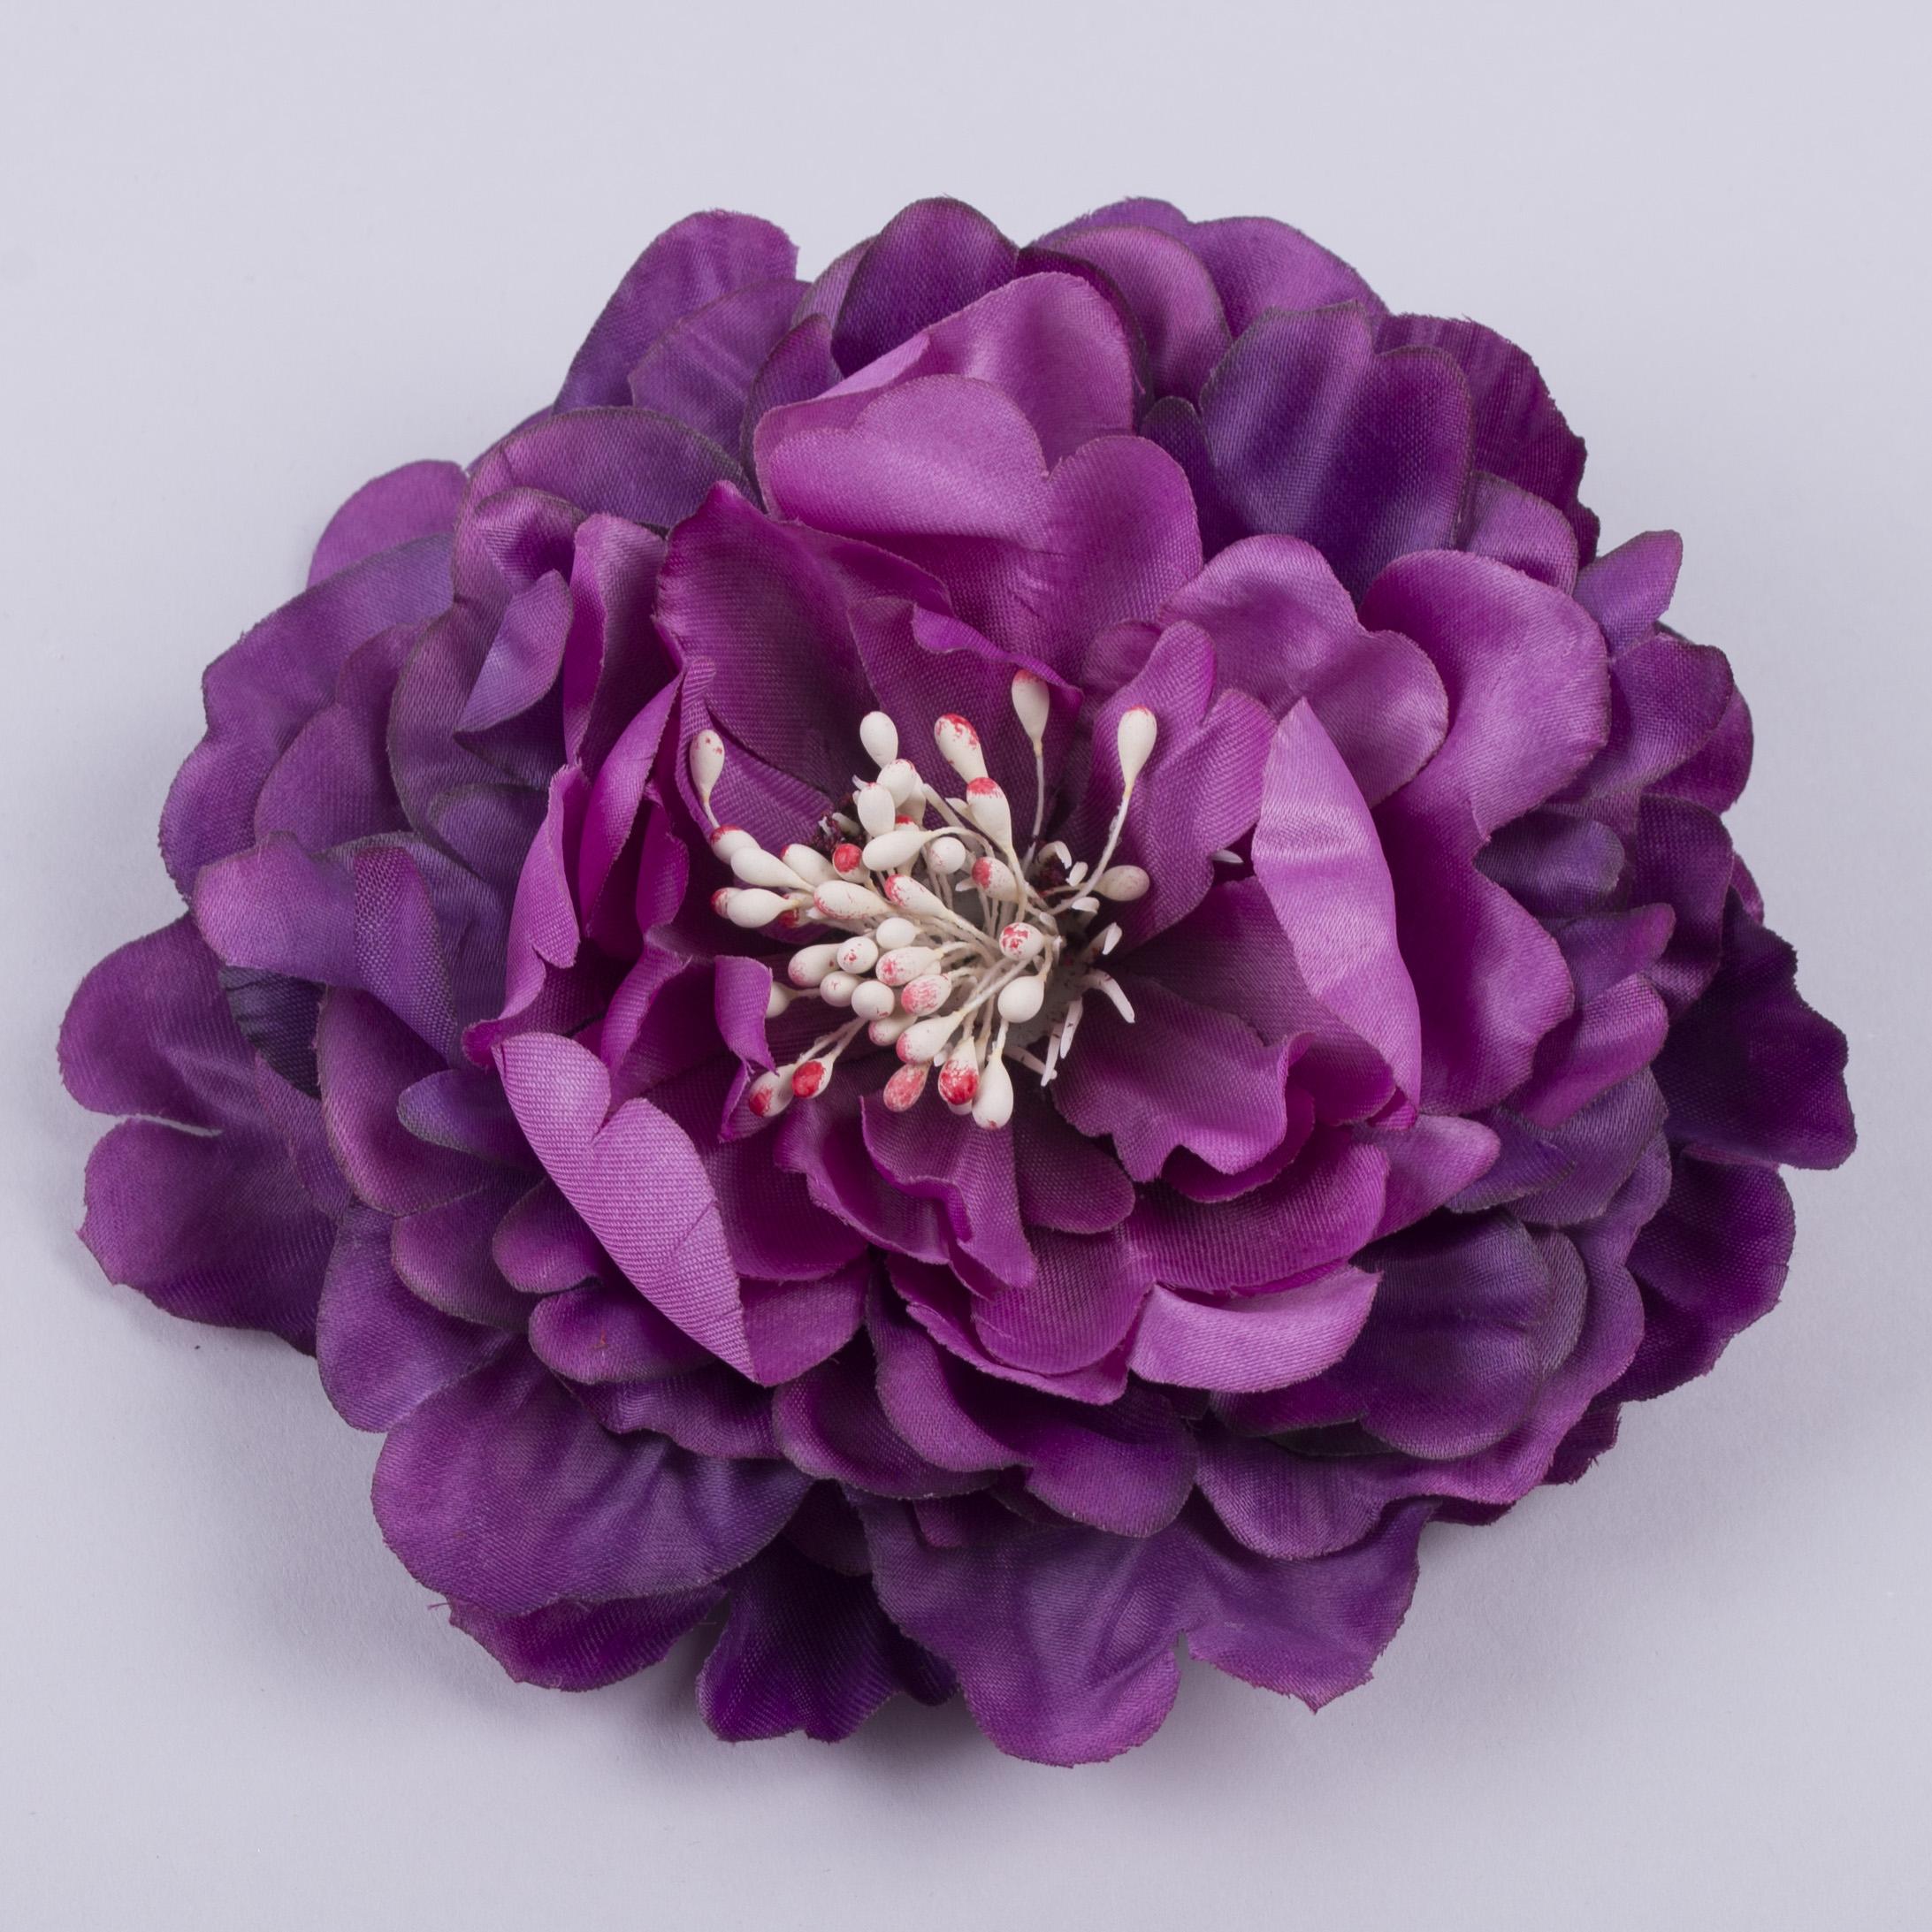 головка пиона фиолетовая